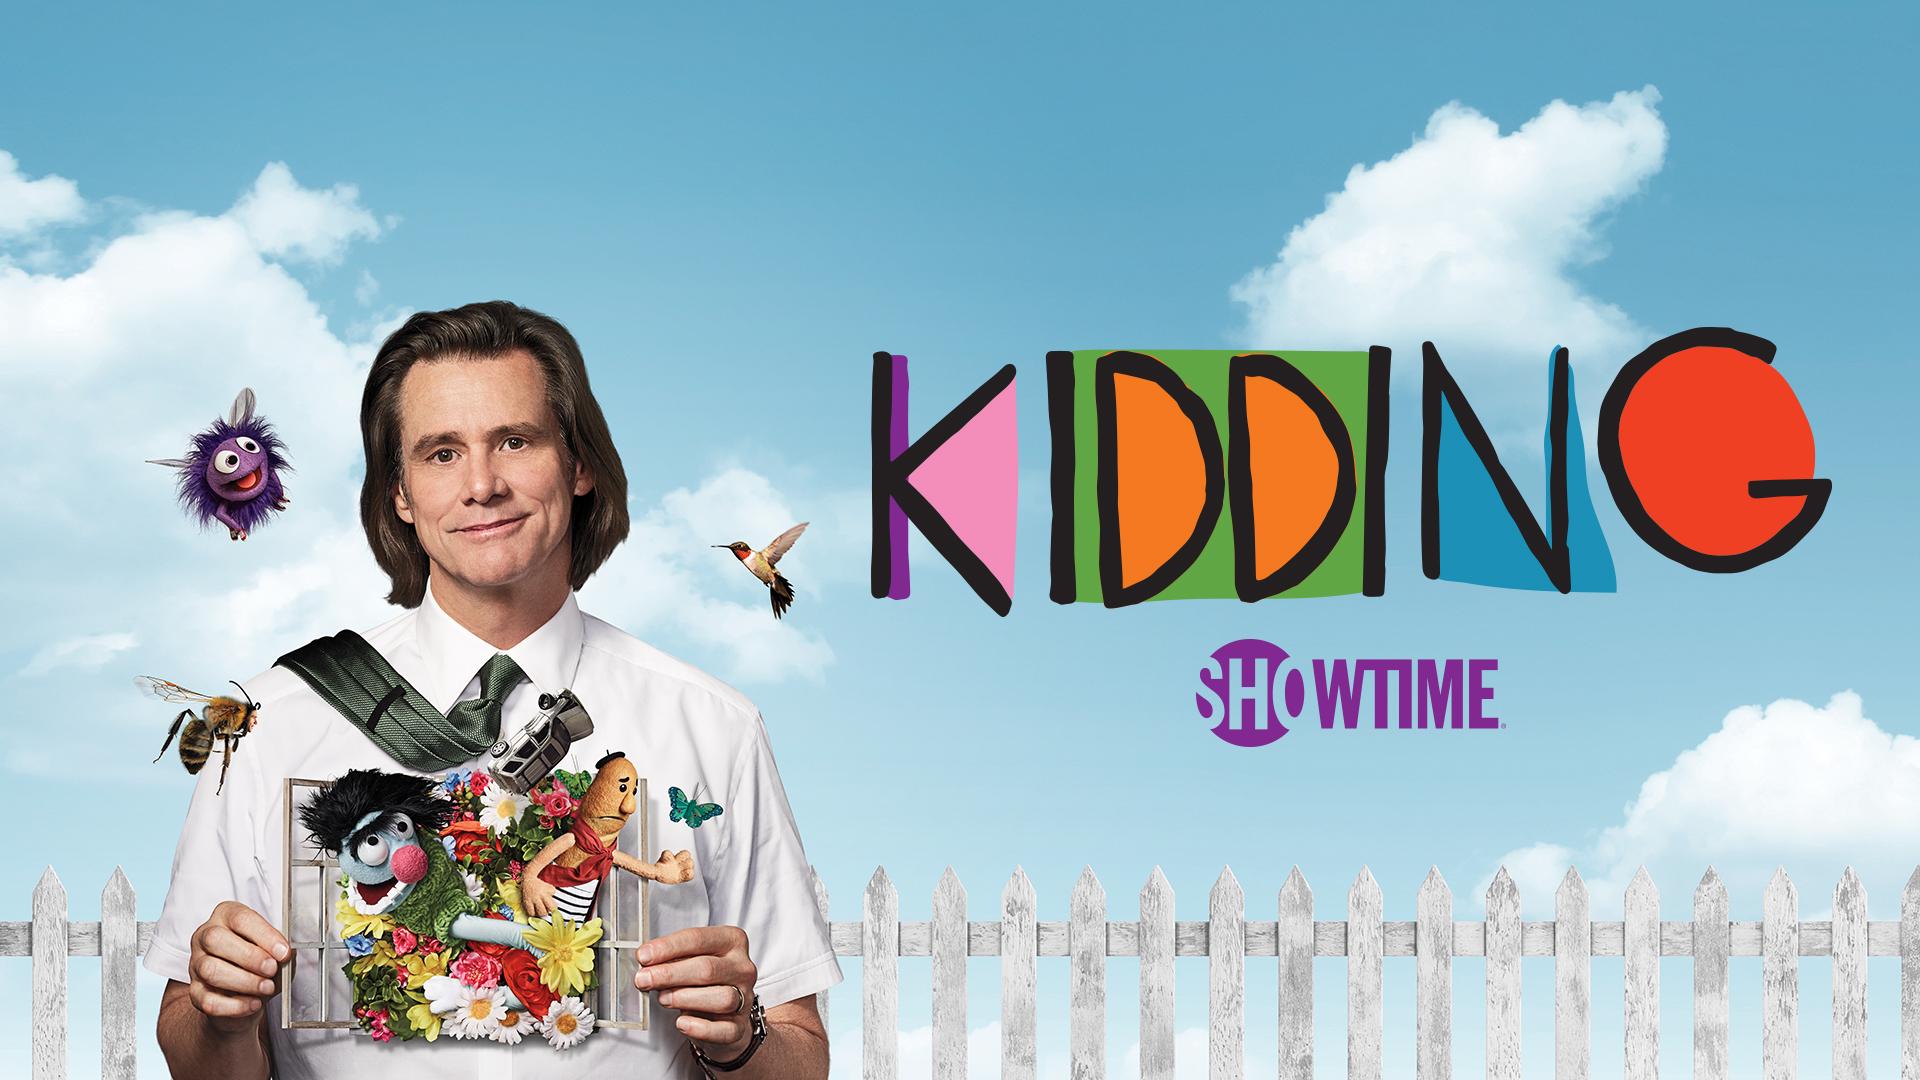 Kidding Season 1